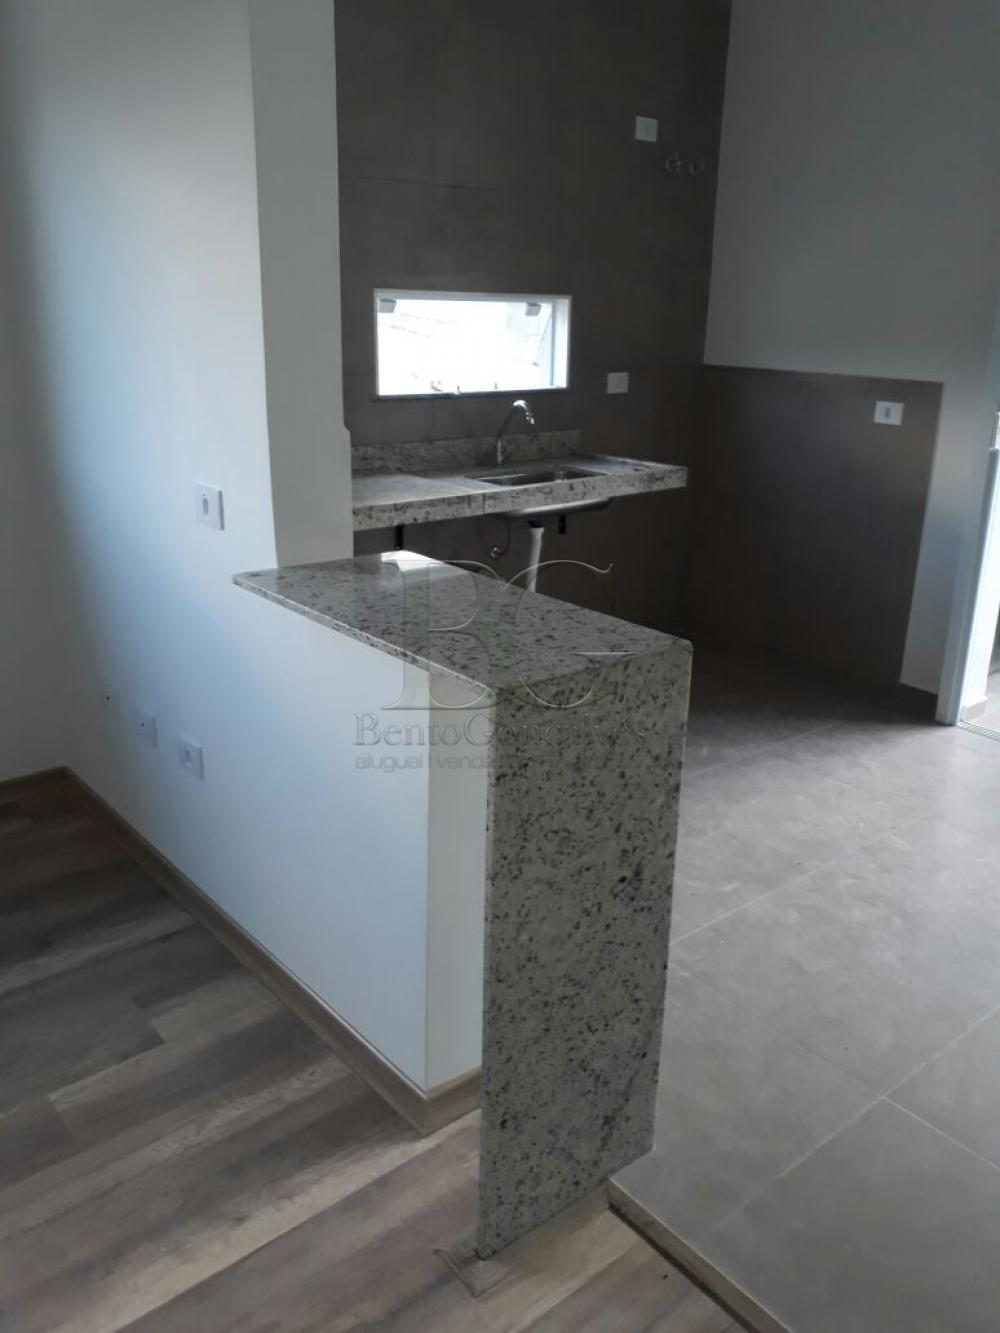 Comprar Apartamentos / Padrão em Poços de Caldas apenas R$ 260.000,00 - Foto 8